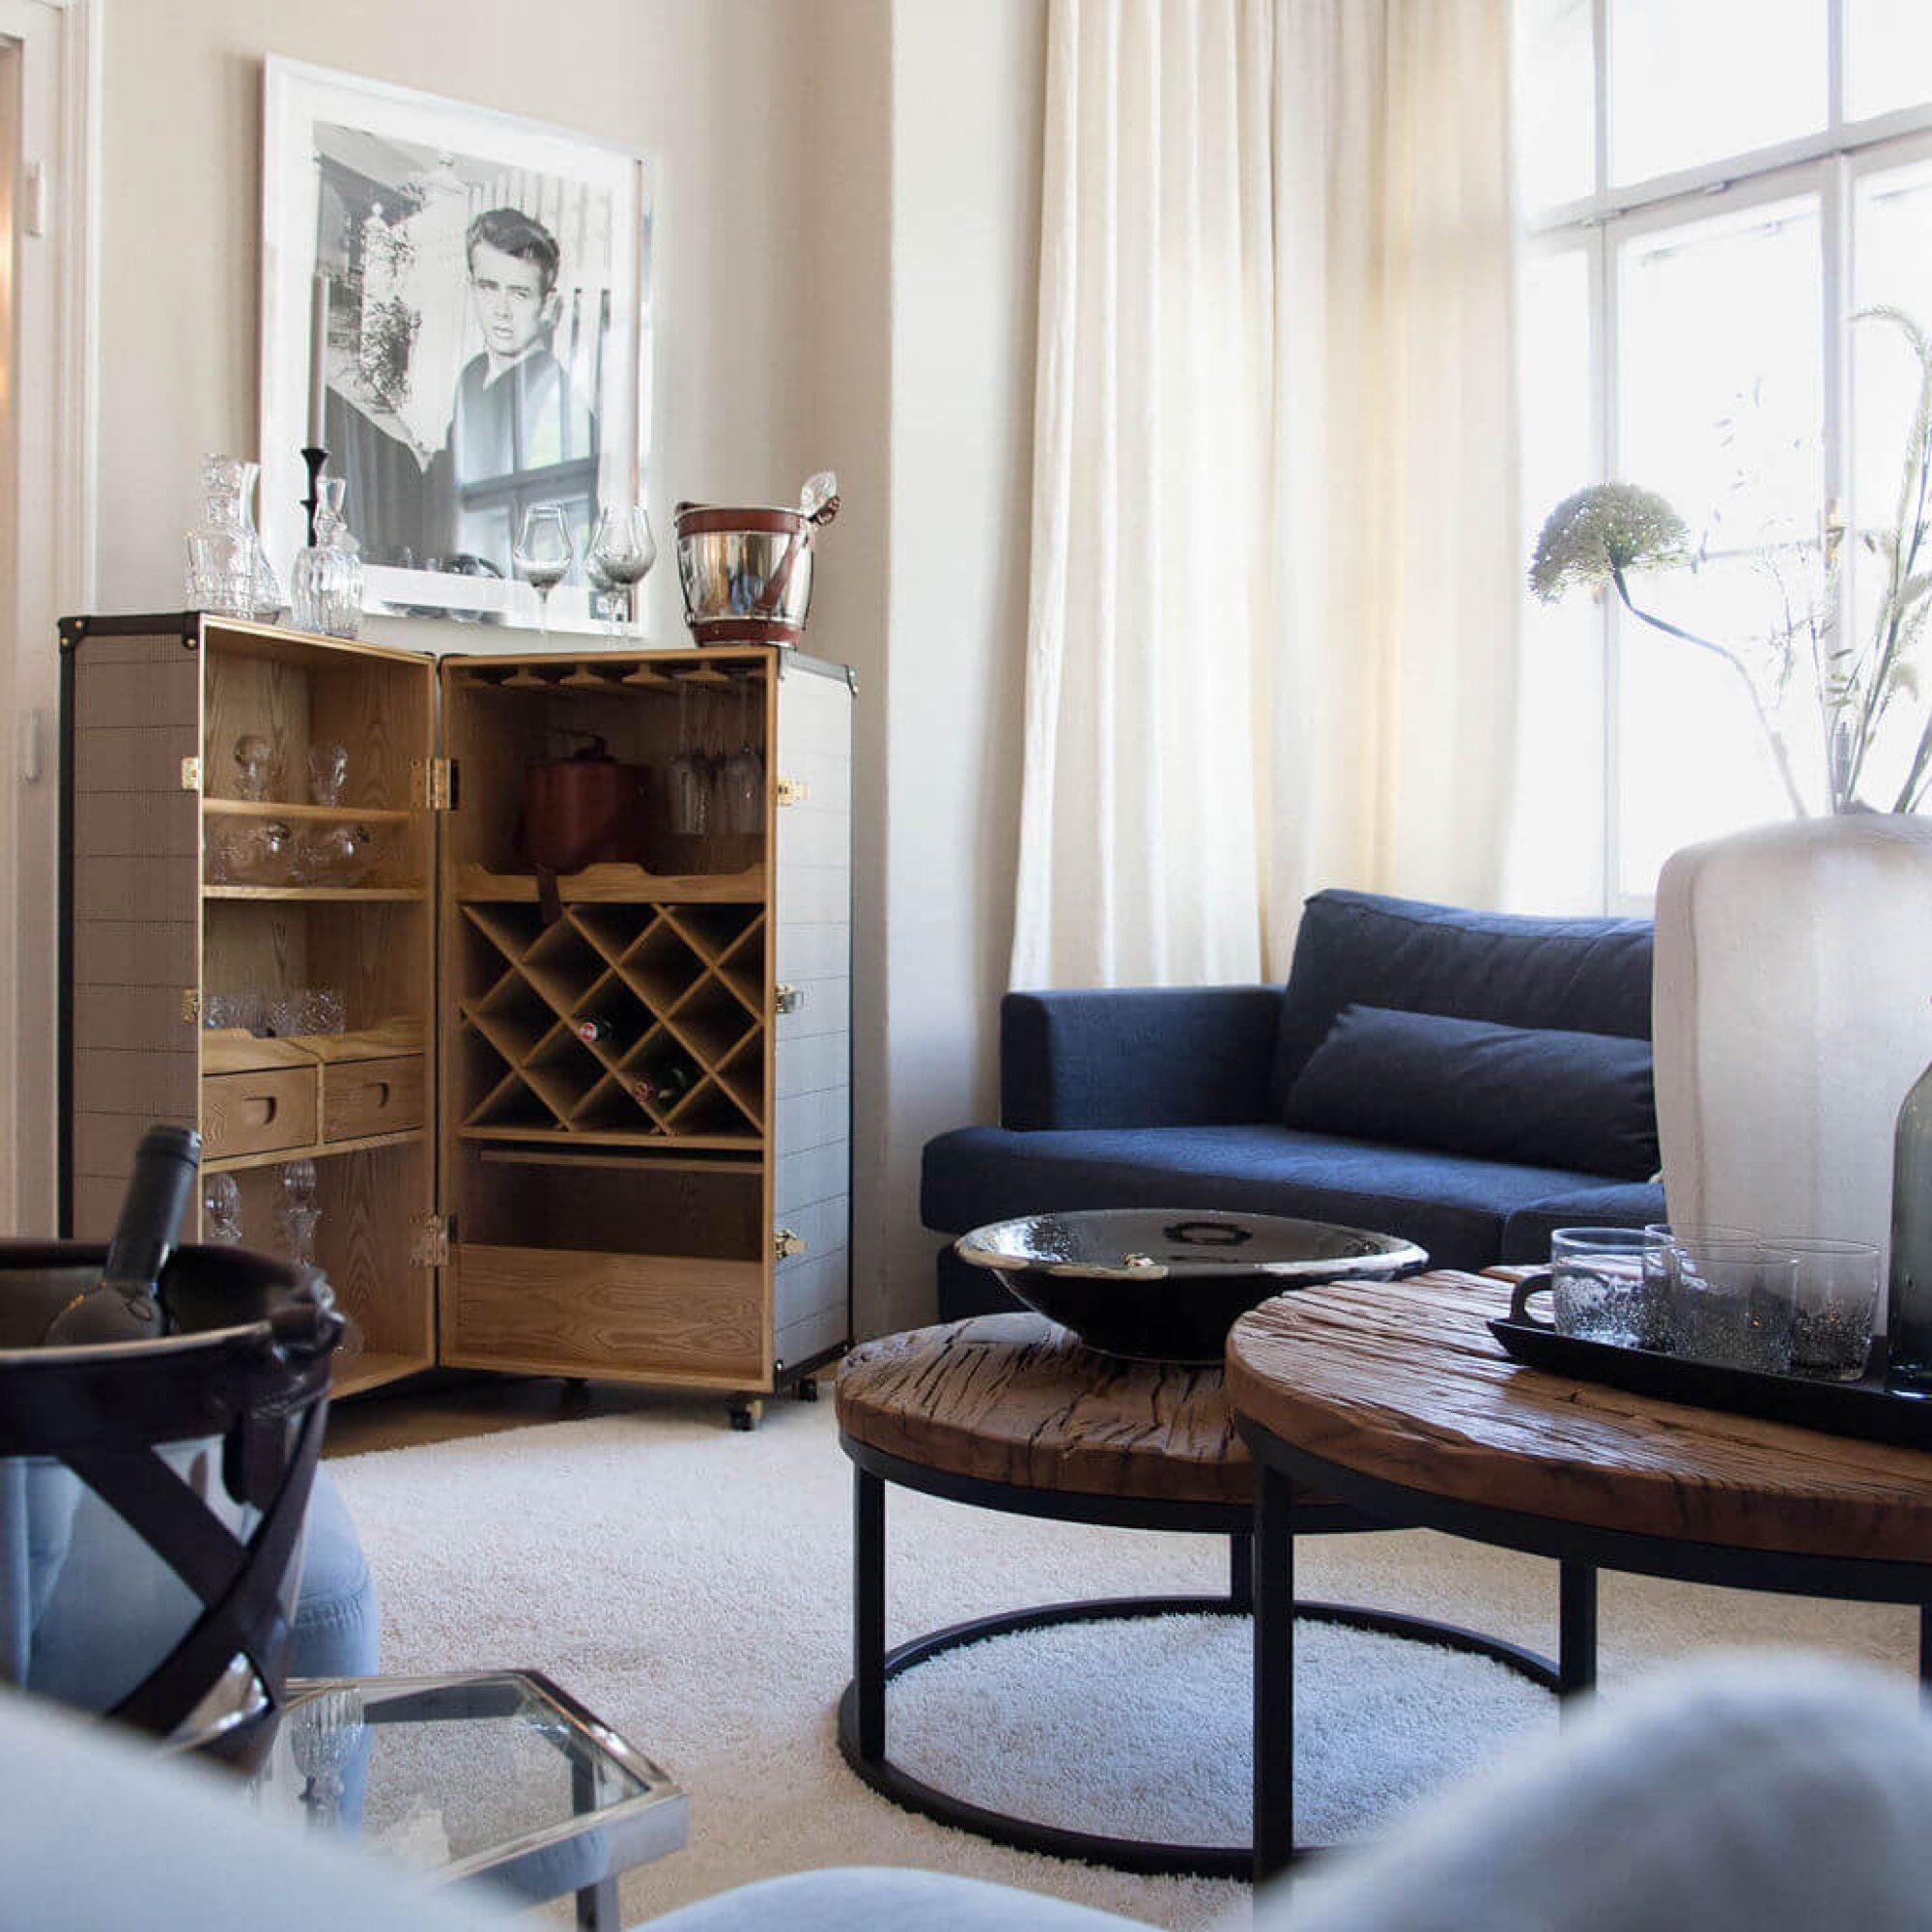 Möbel, Accessoires und Bekleidung Gehmacher Salzburg